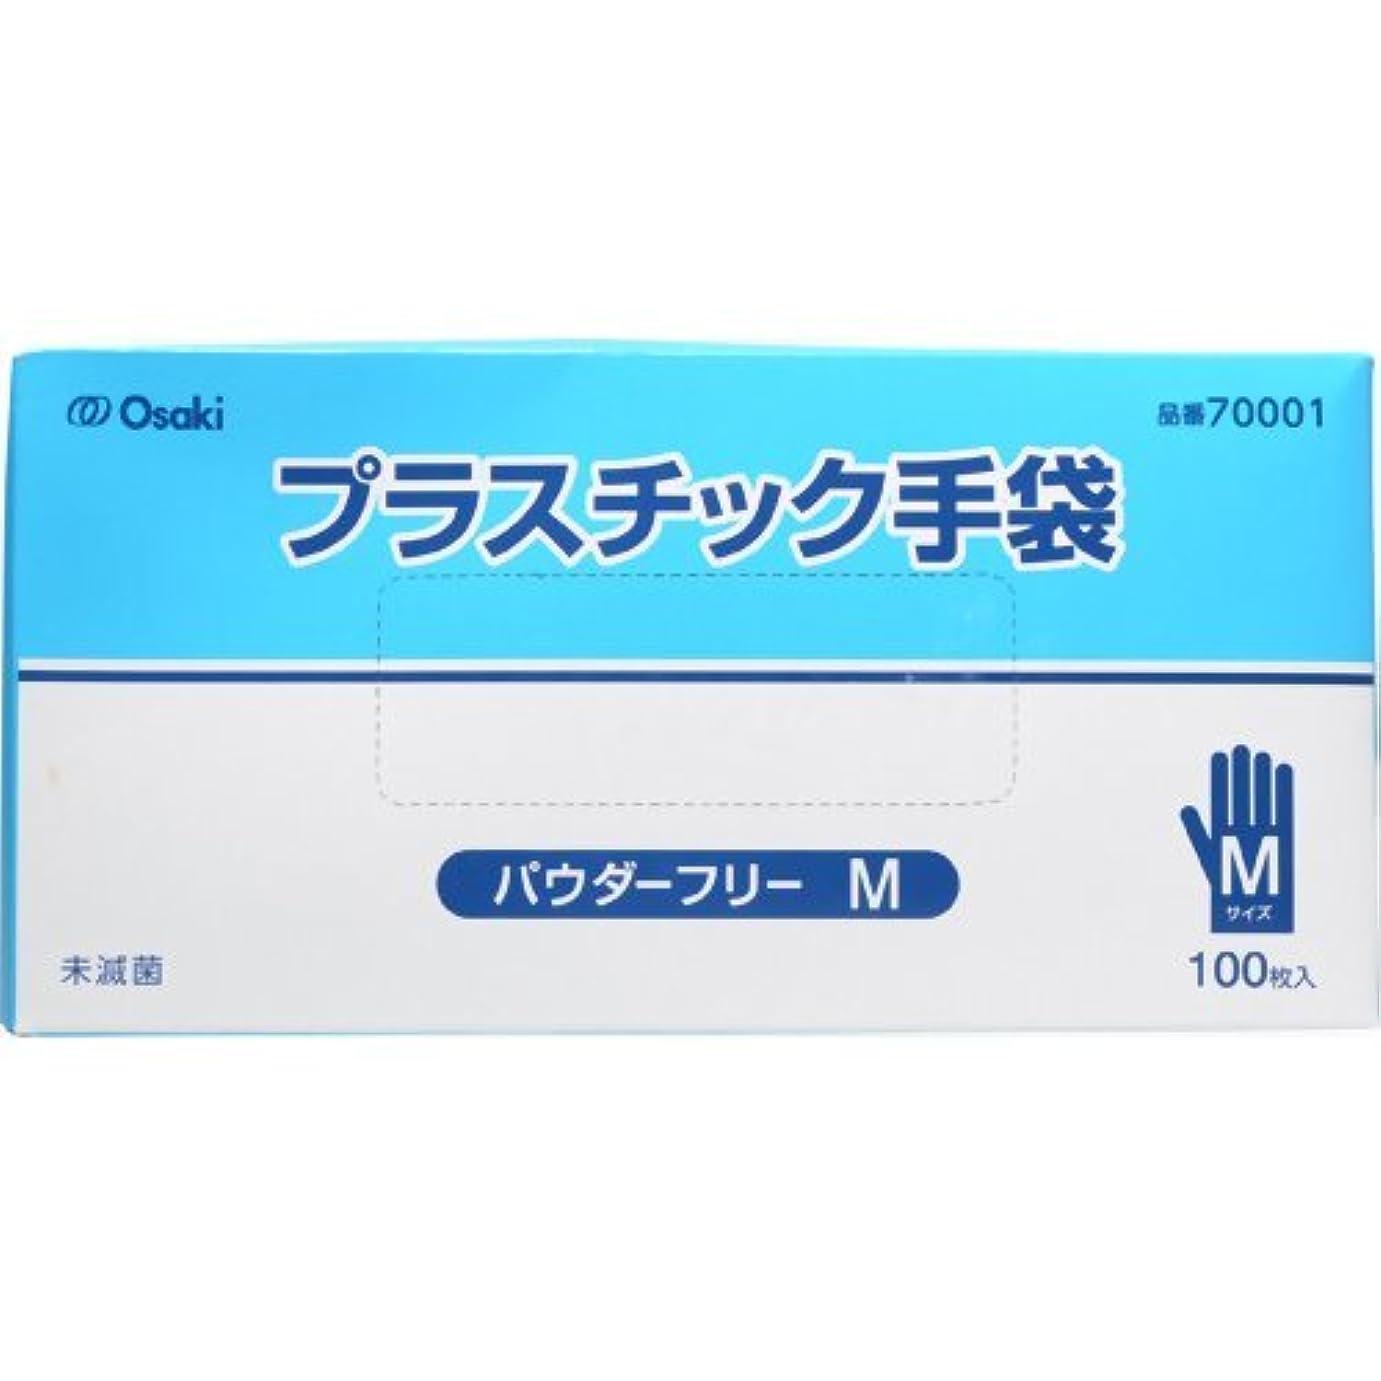 用語集加速する血まみれのオオサキメディカル プラスチック手袋 PF Mサイズ 100枚入